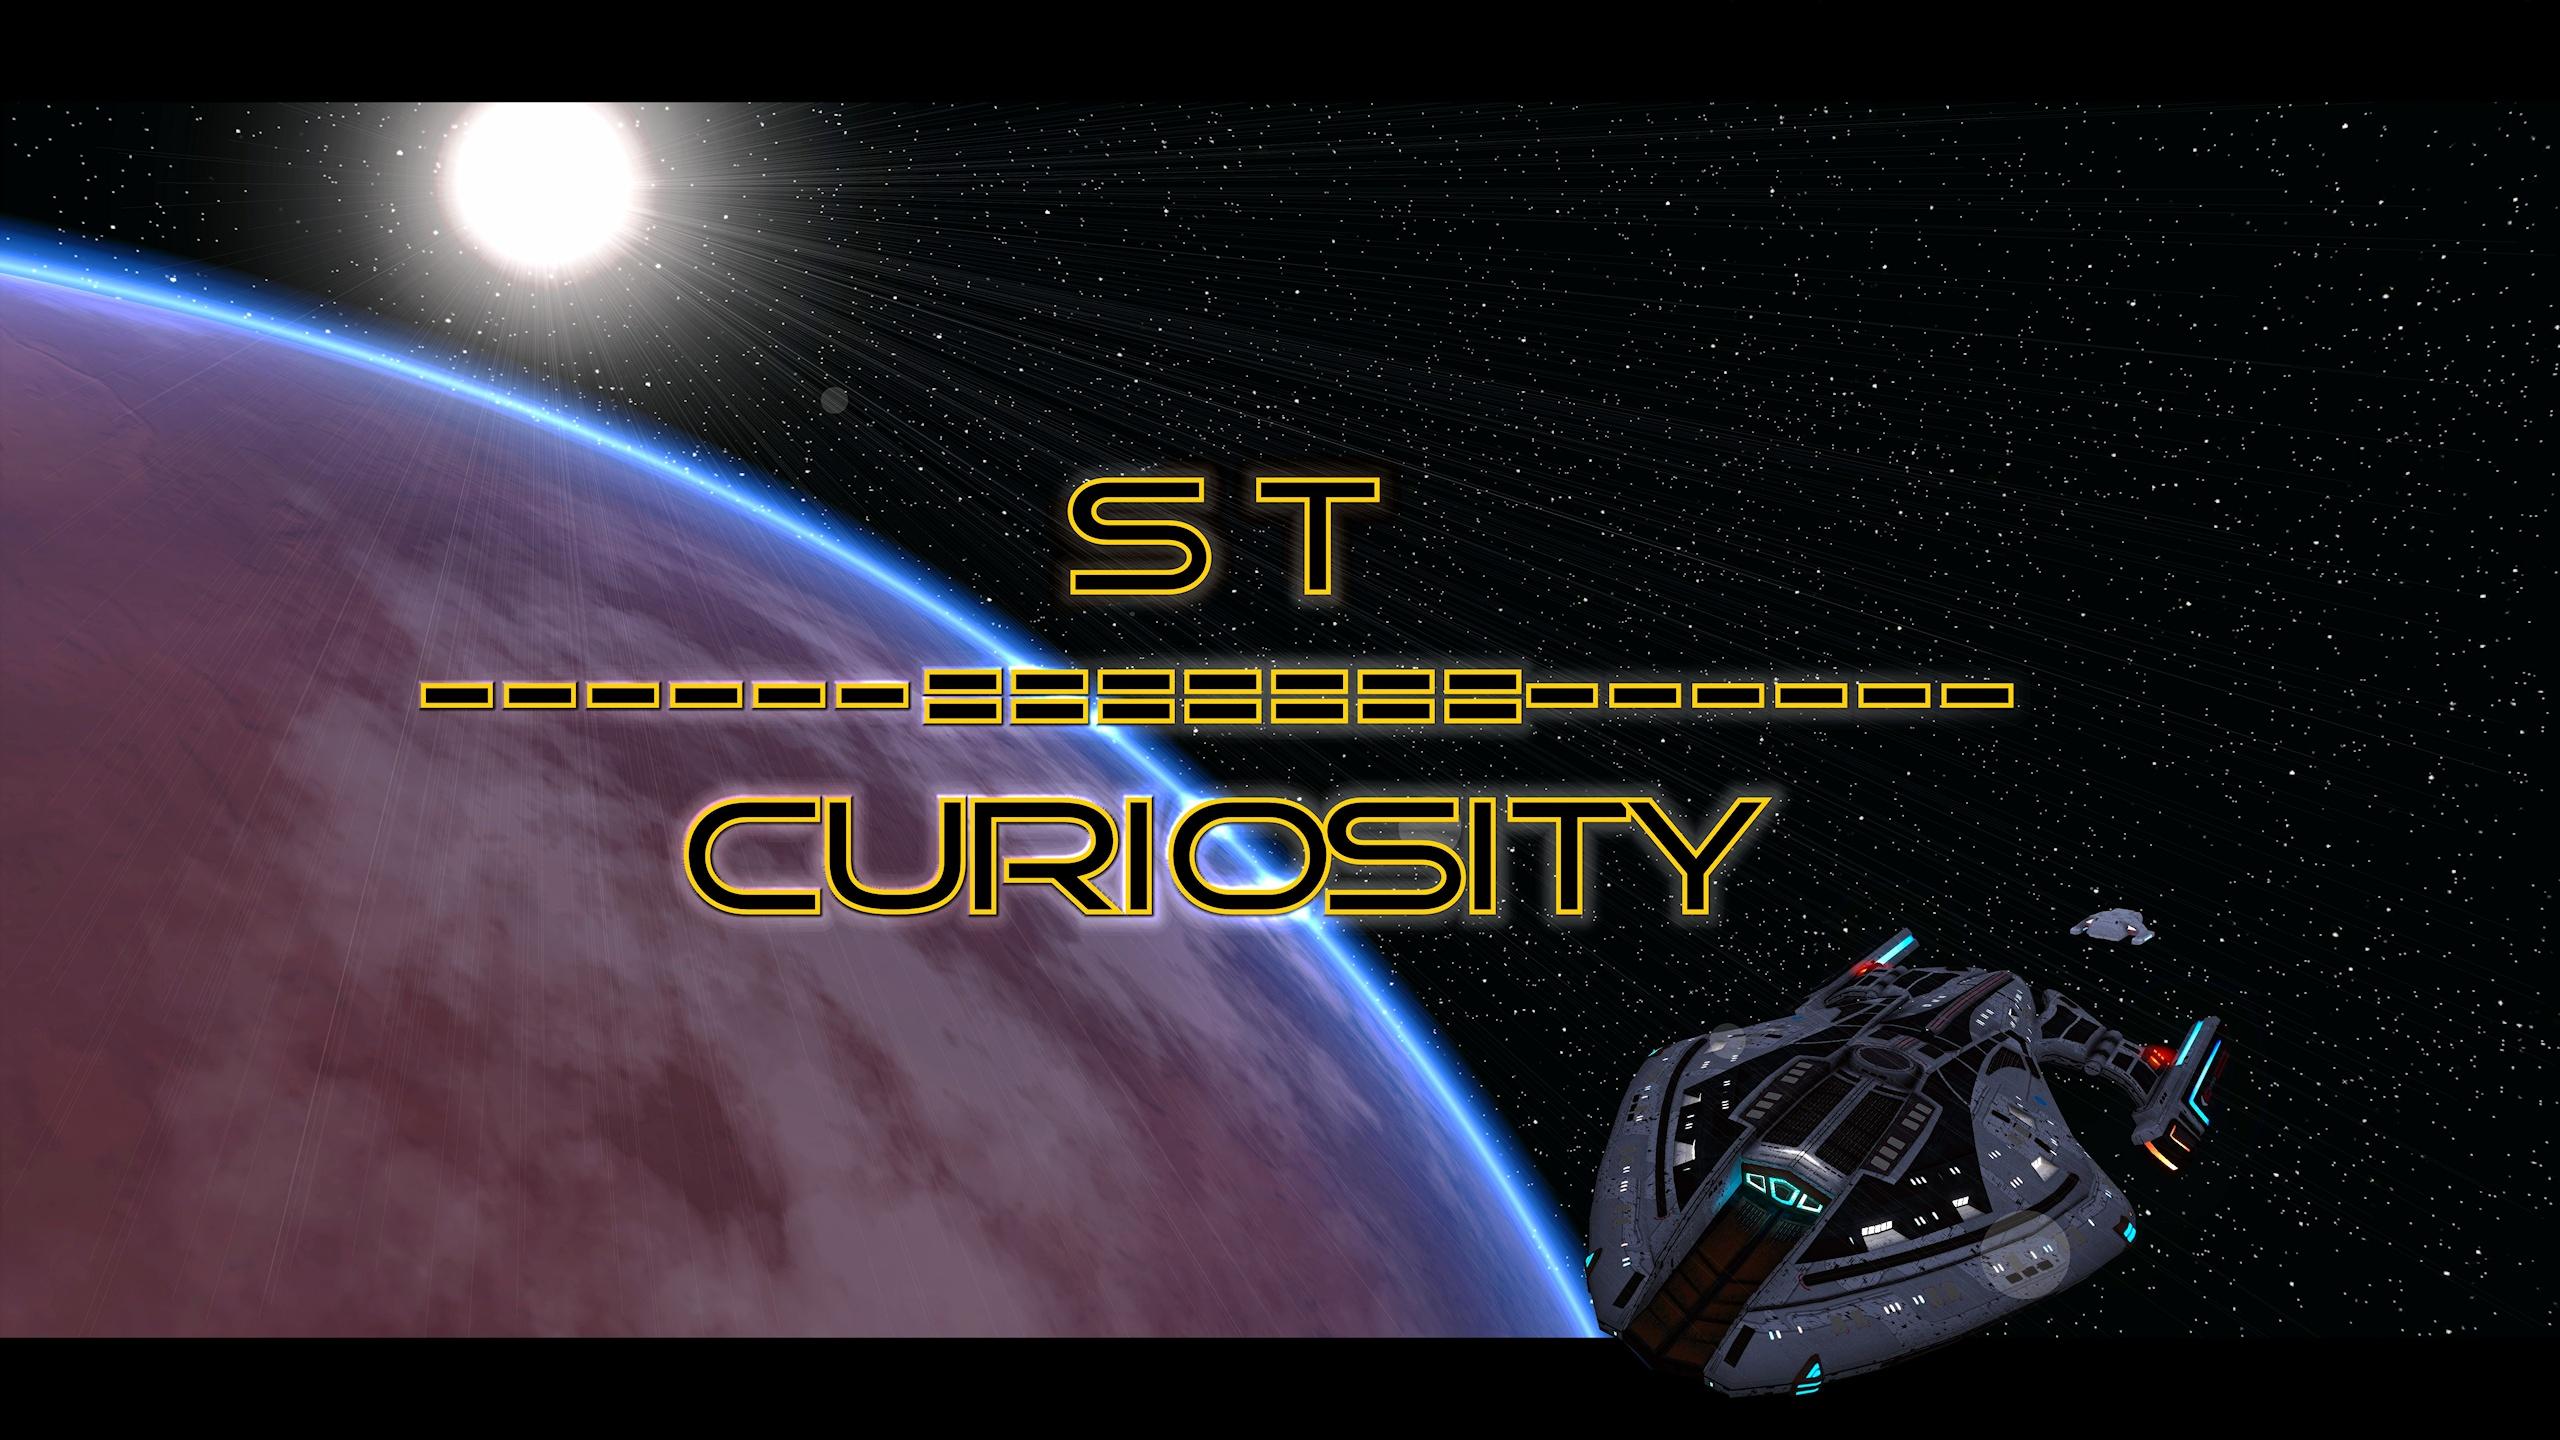 U.S.S. Curiosity